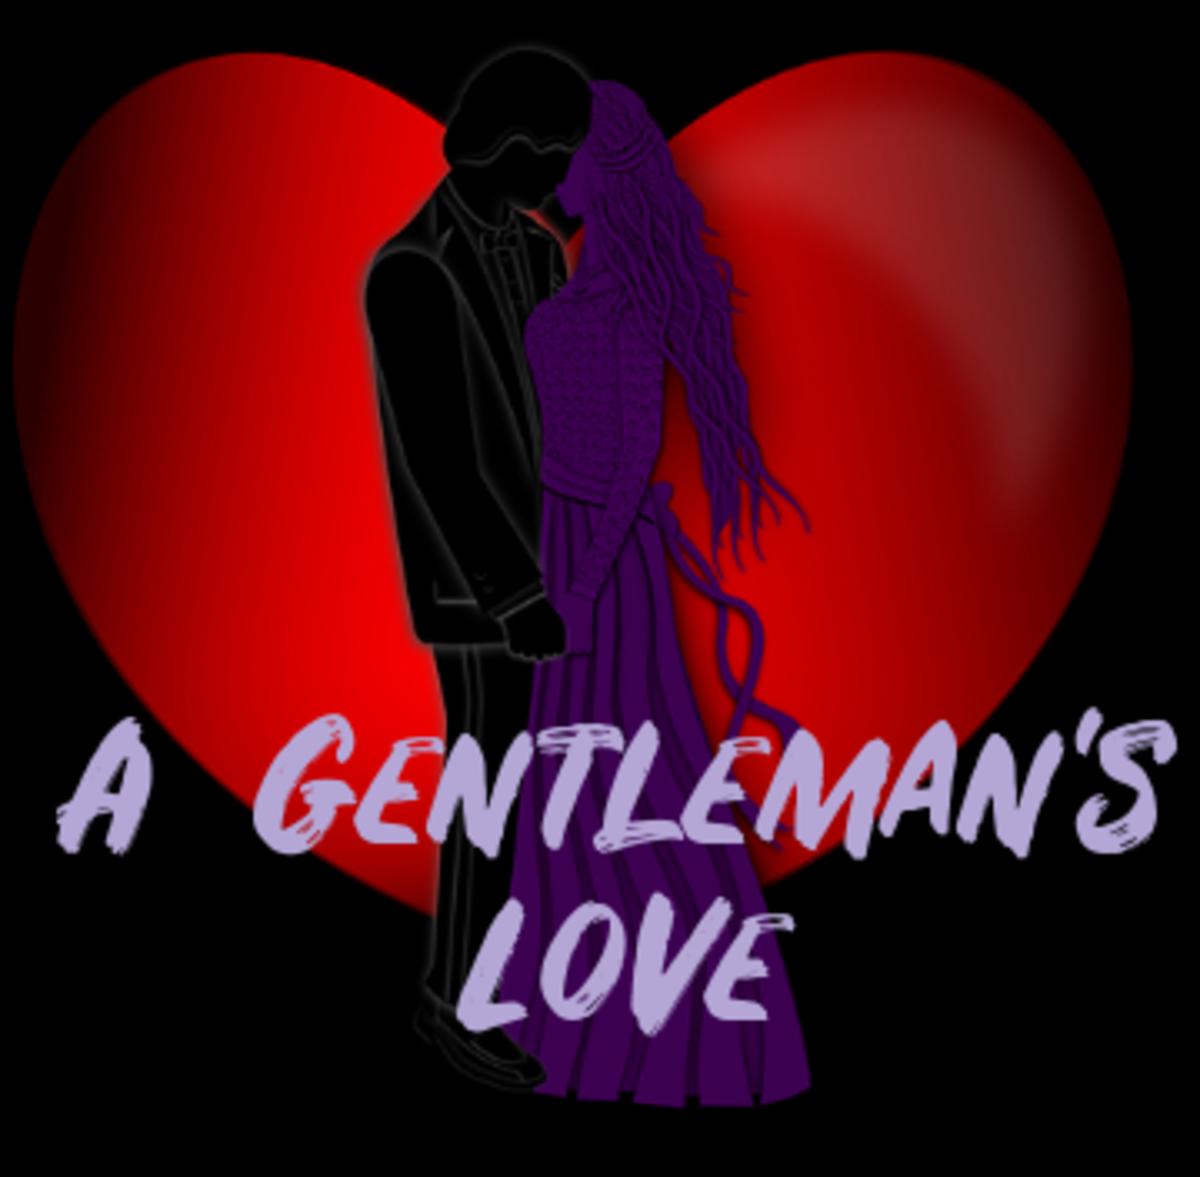 Poem: A Gentleman's Love